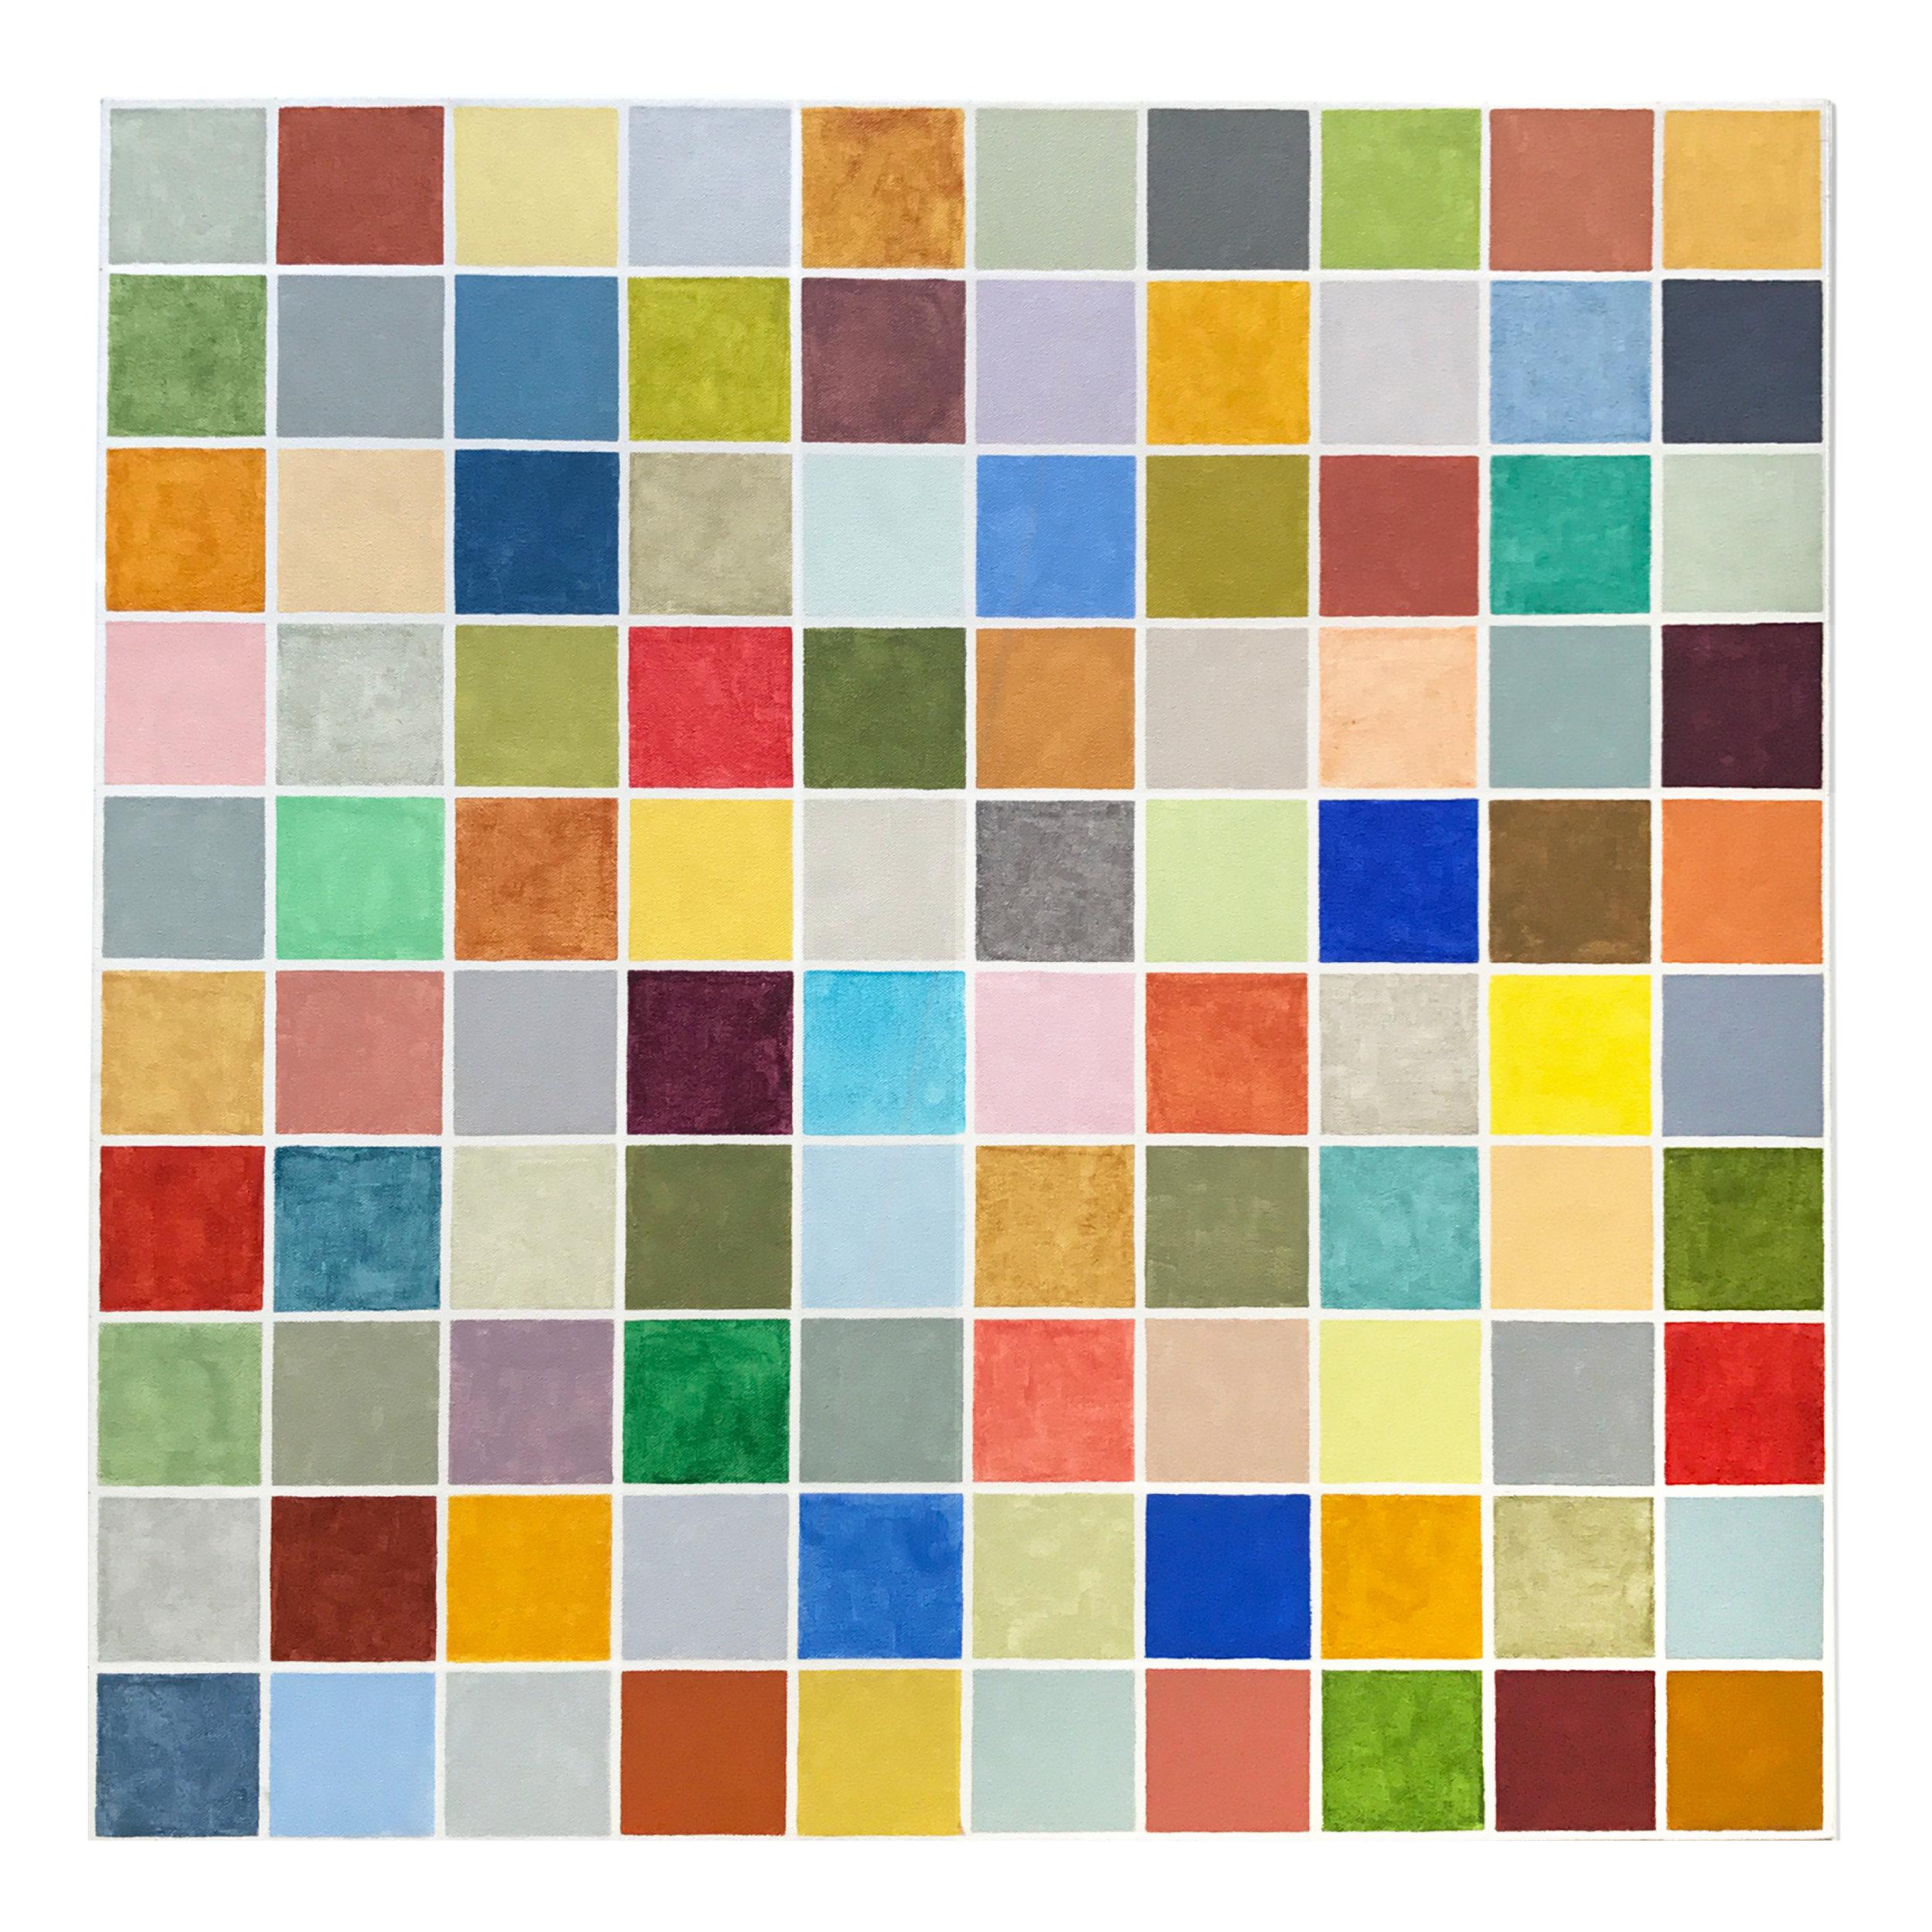 100 squares 100 colors